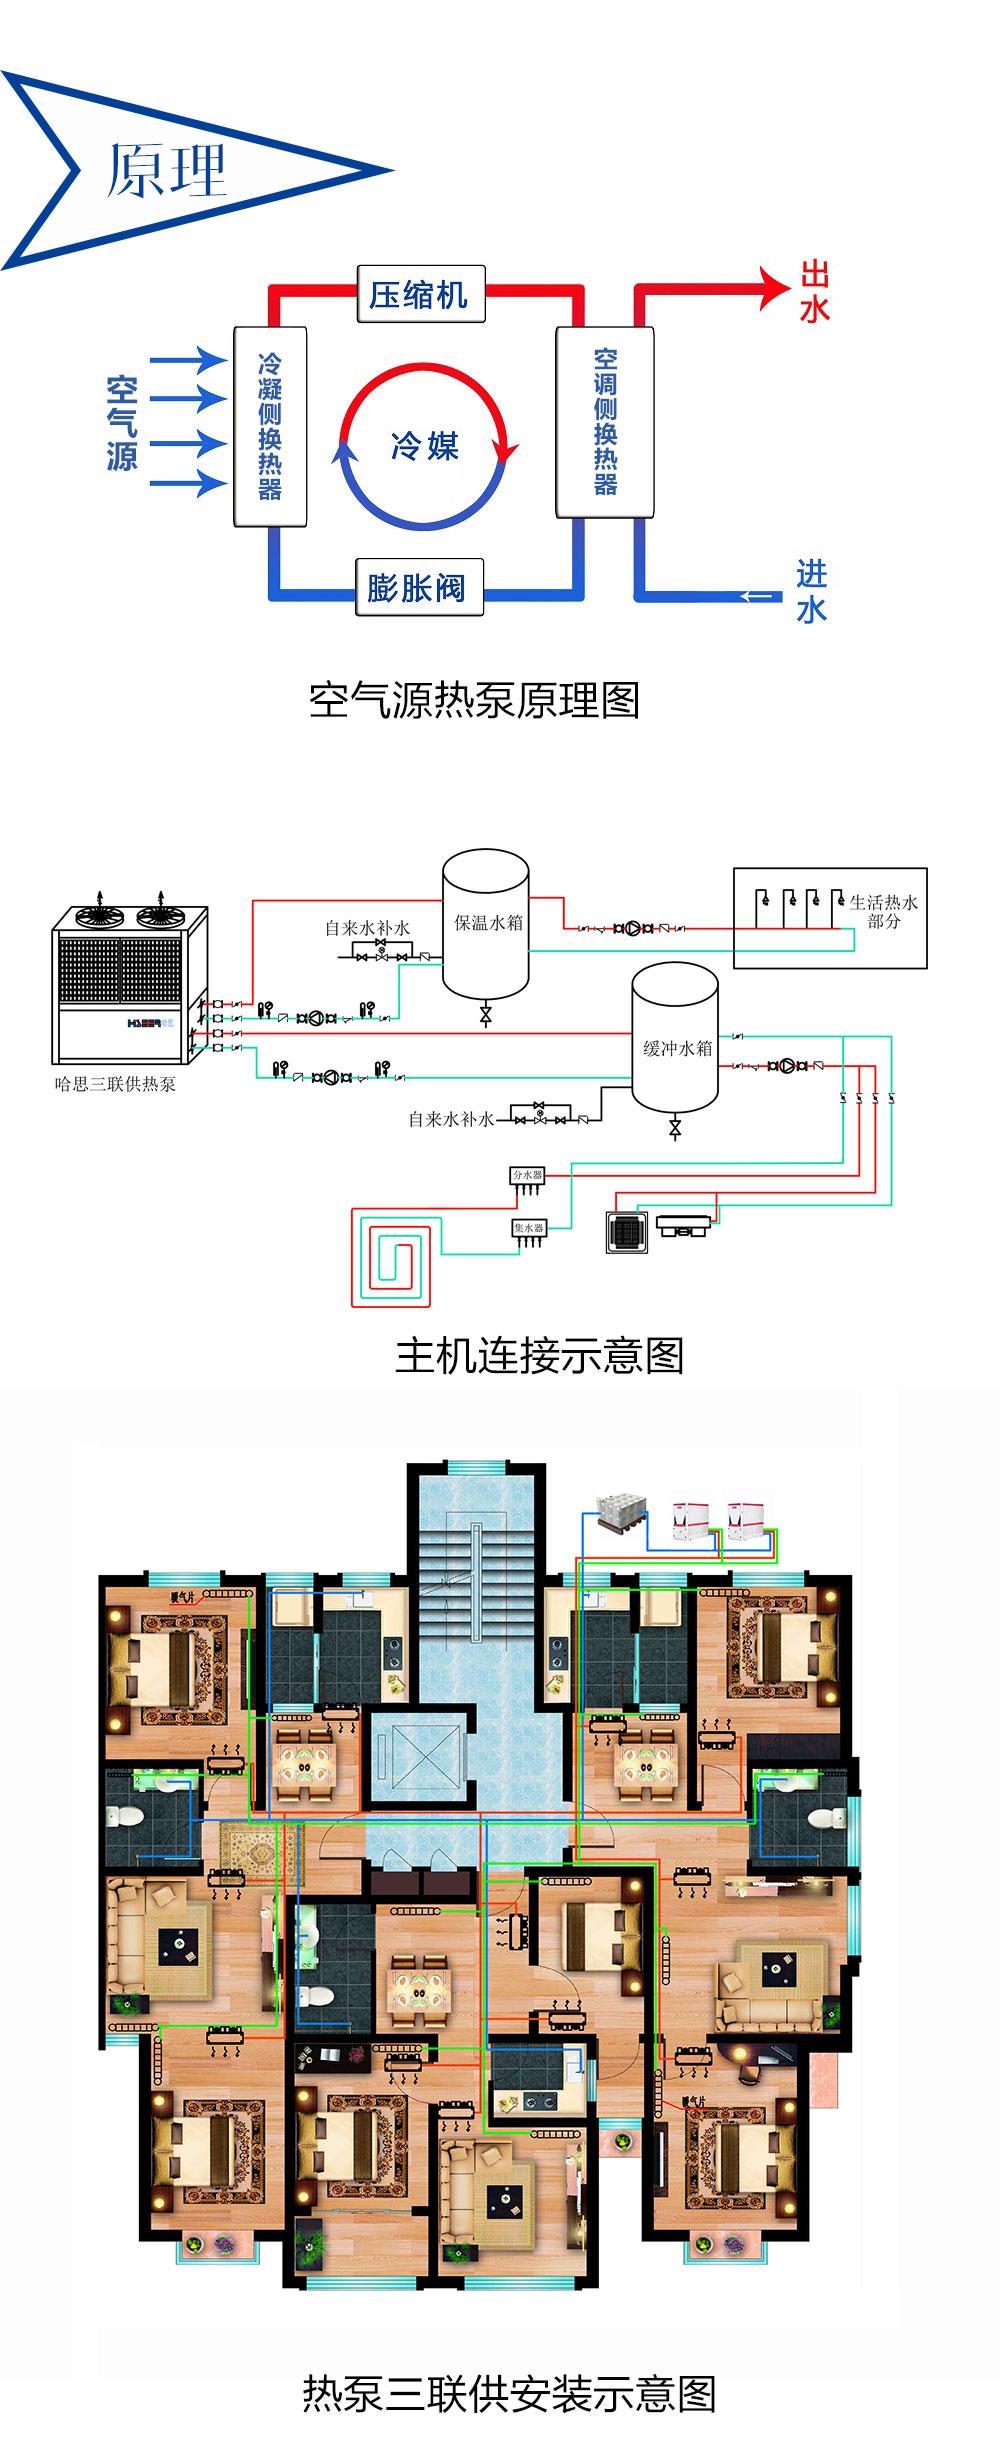 哈思热泵三联供原理图与安装示意图